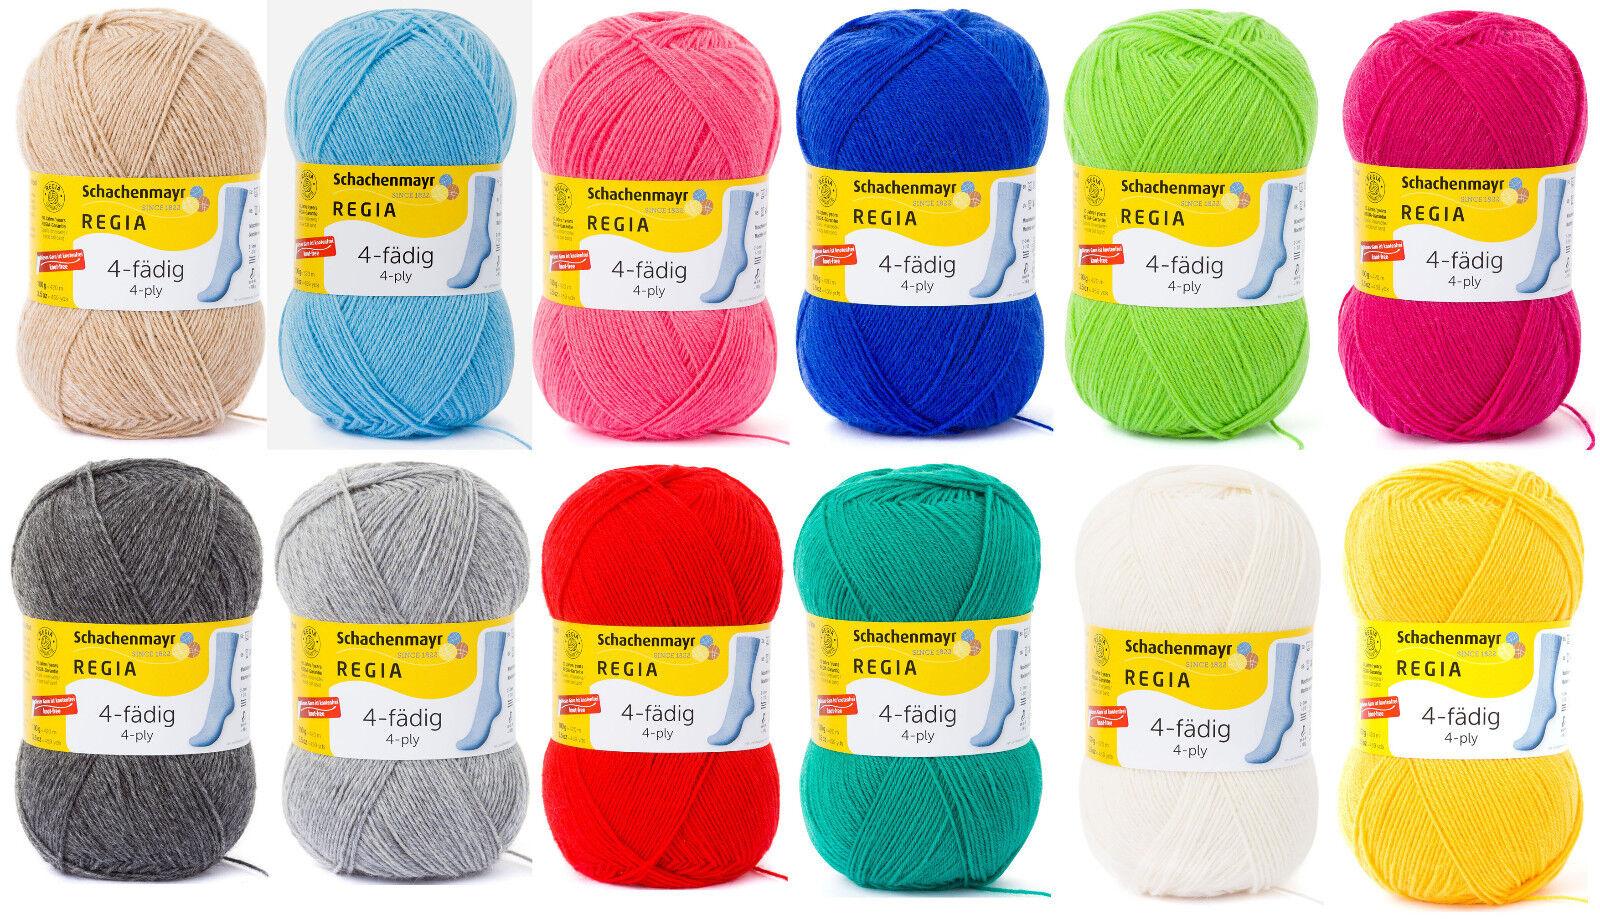 Regia Uni Sockenwolle 4-fach - AUSWAHL - einfarbig 4fädig Socken stricken á 100g